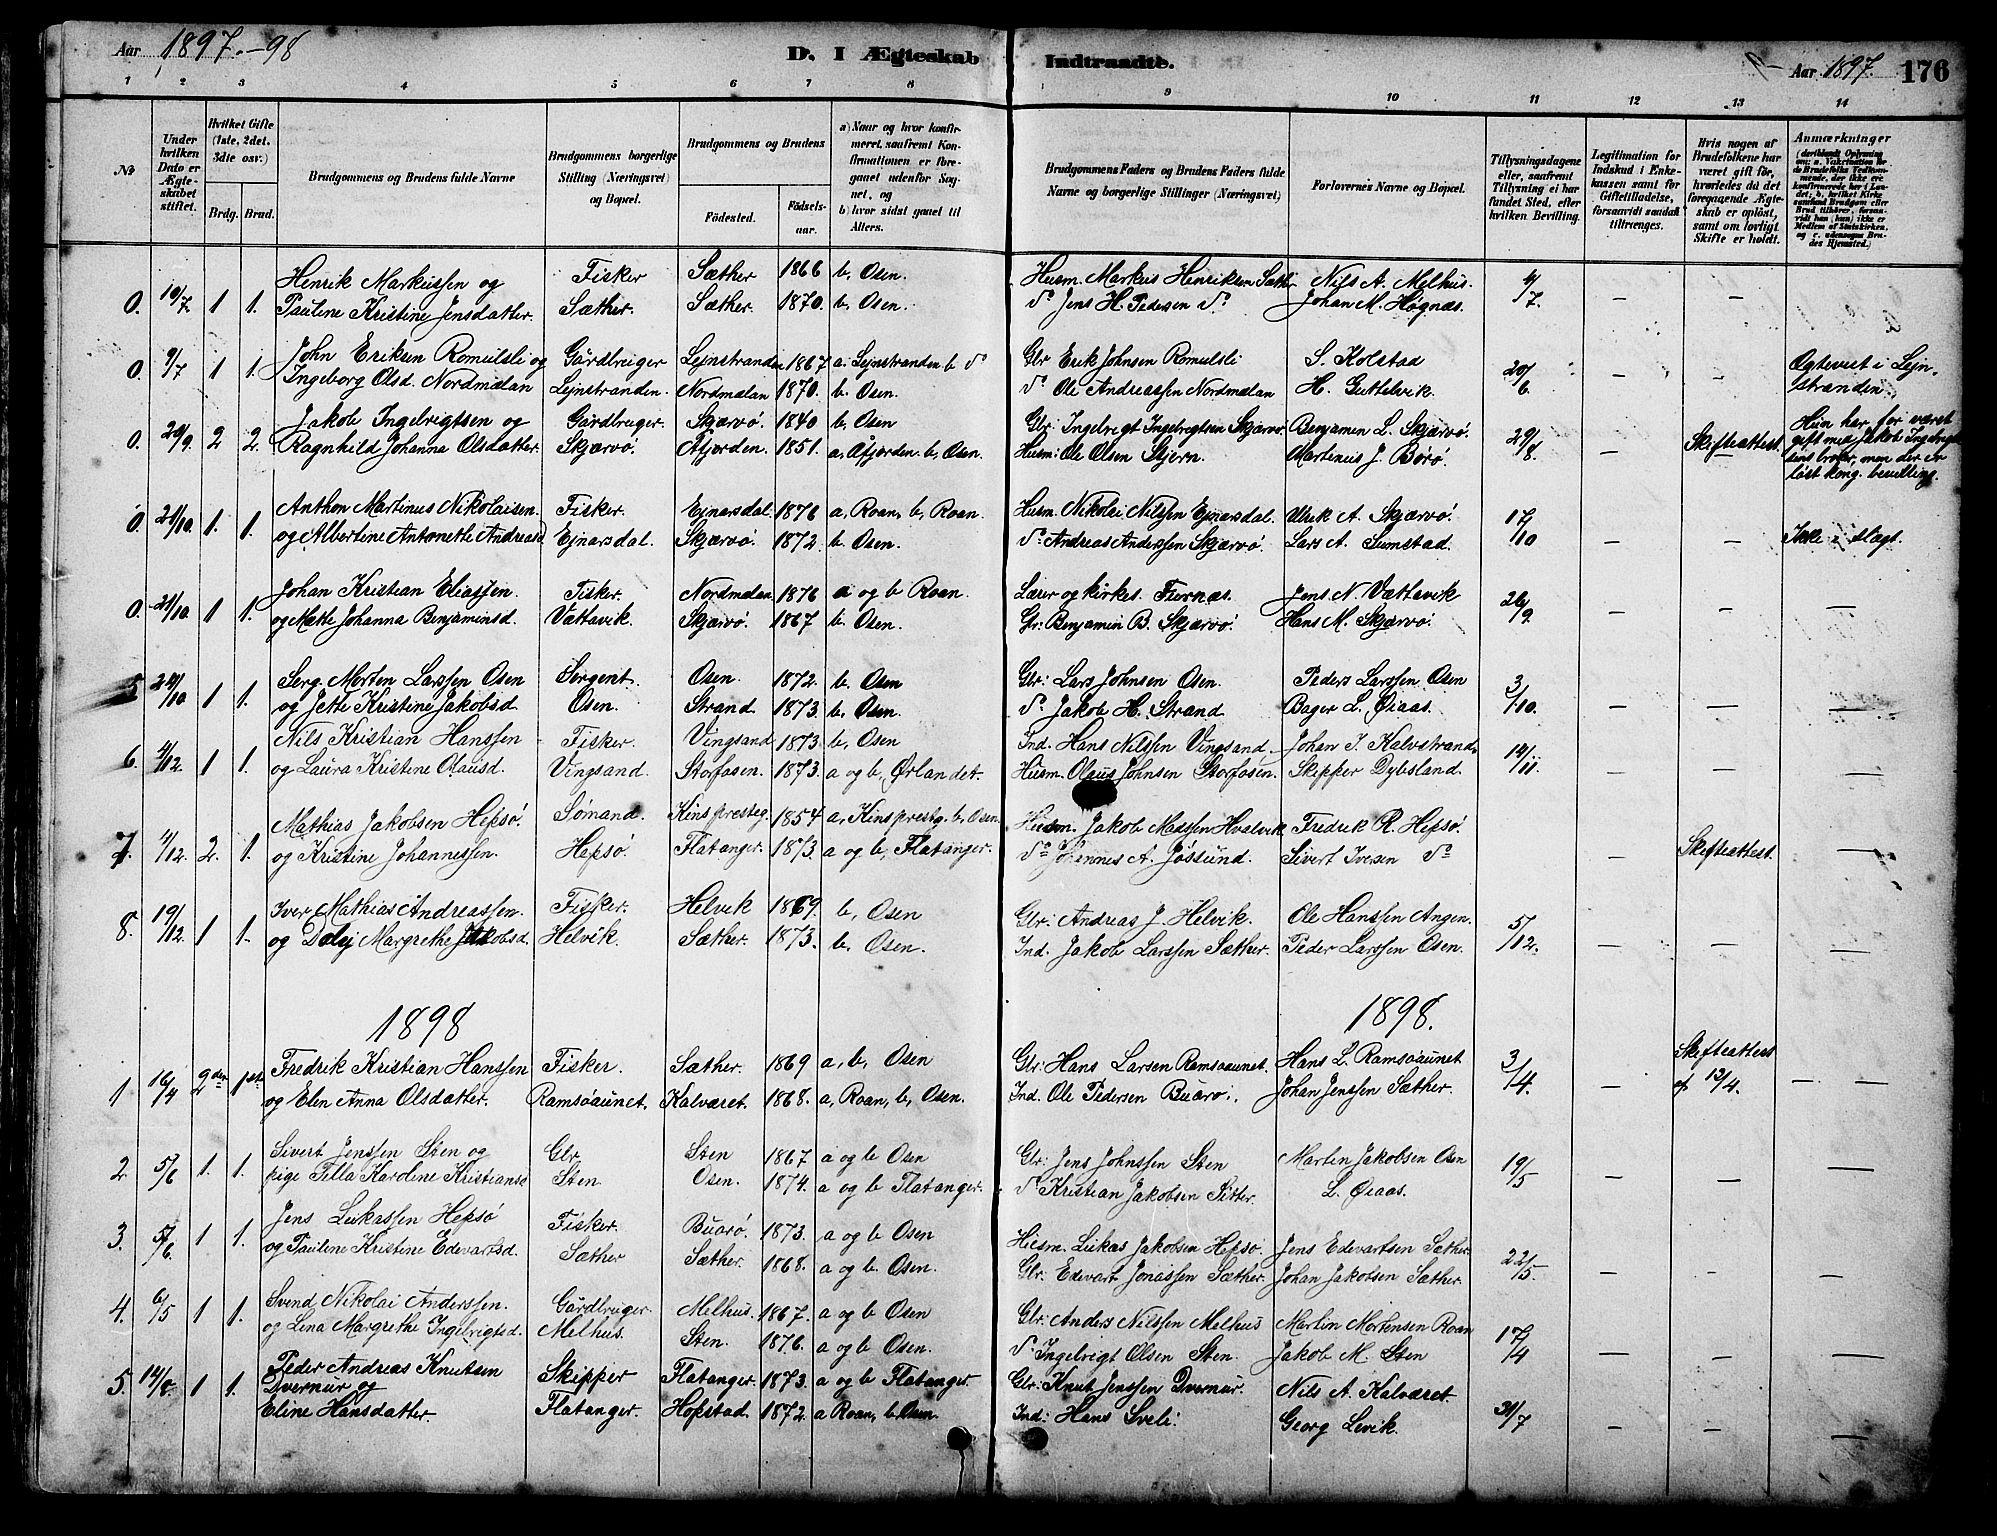 SAT, Ministerialprotokoller, klokkerbøker og fødselsregistre - Sør-Trøndelag, 658/L0726: Klokkerbok nr. 658C02, 1883-1908, s. 176